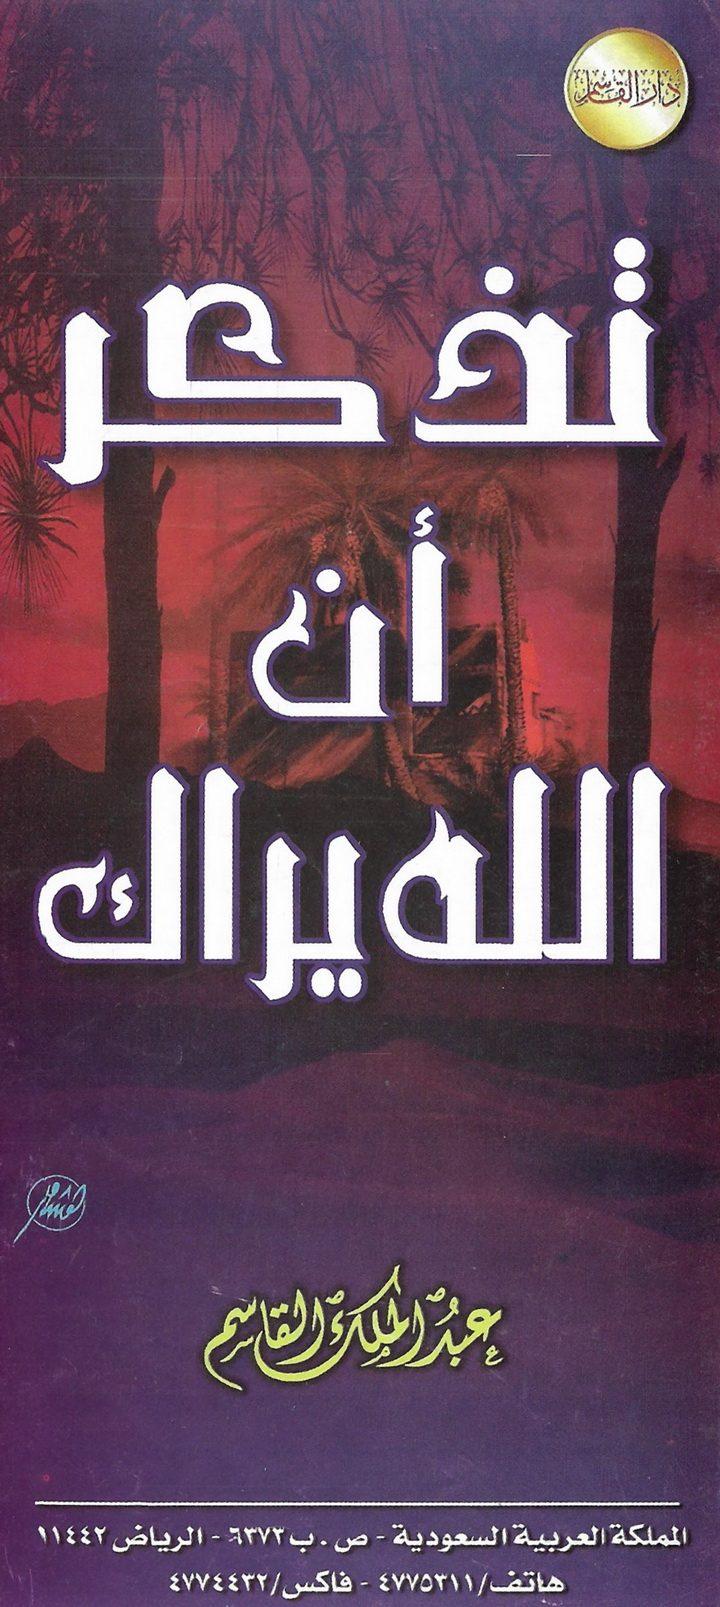 تذكر أن الله يراك (عبد الملك القاسم – دار القاسم)